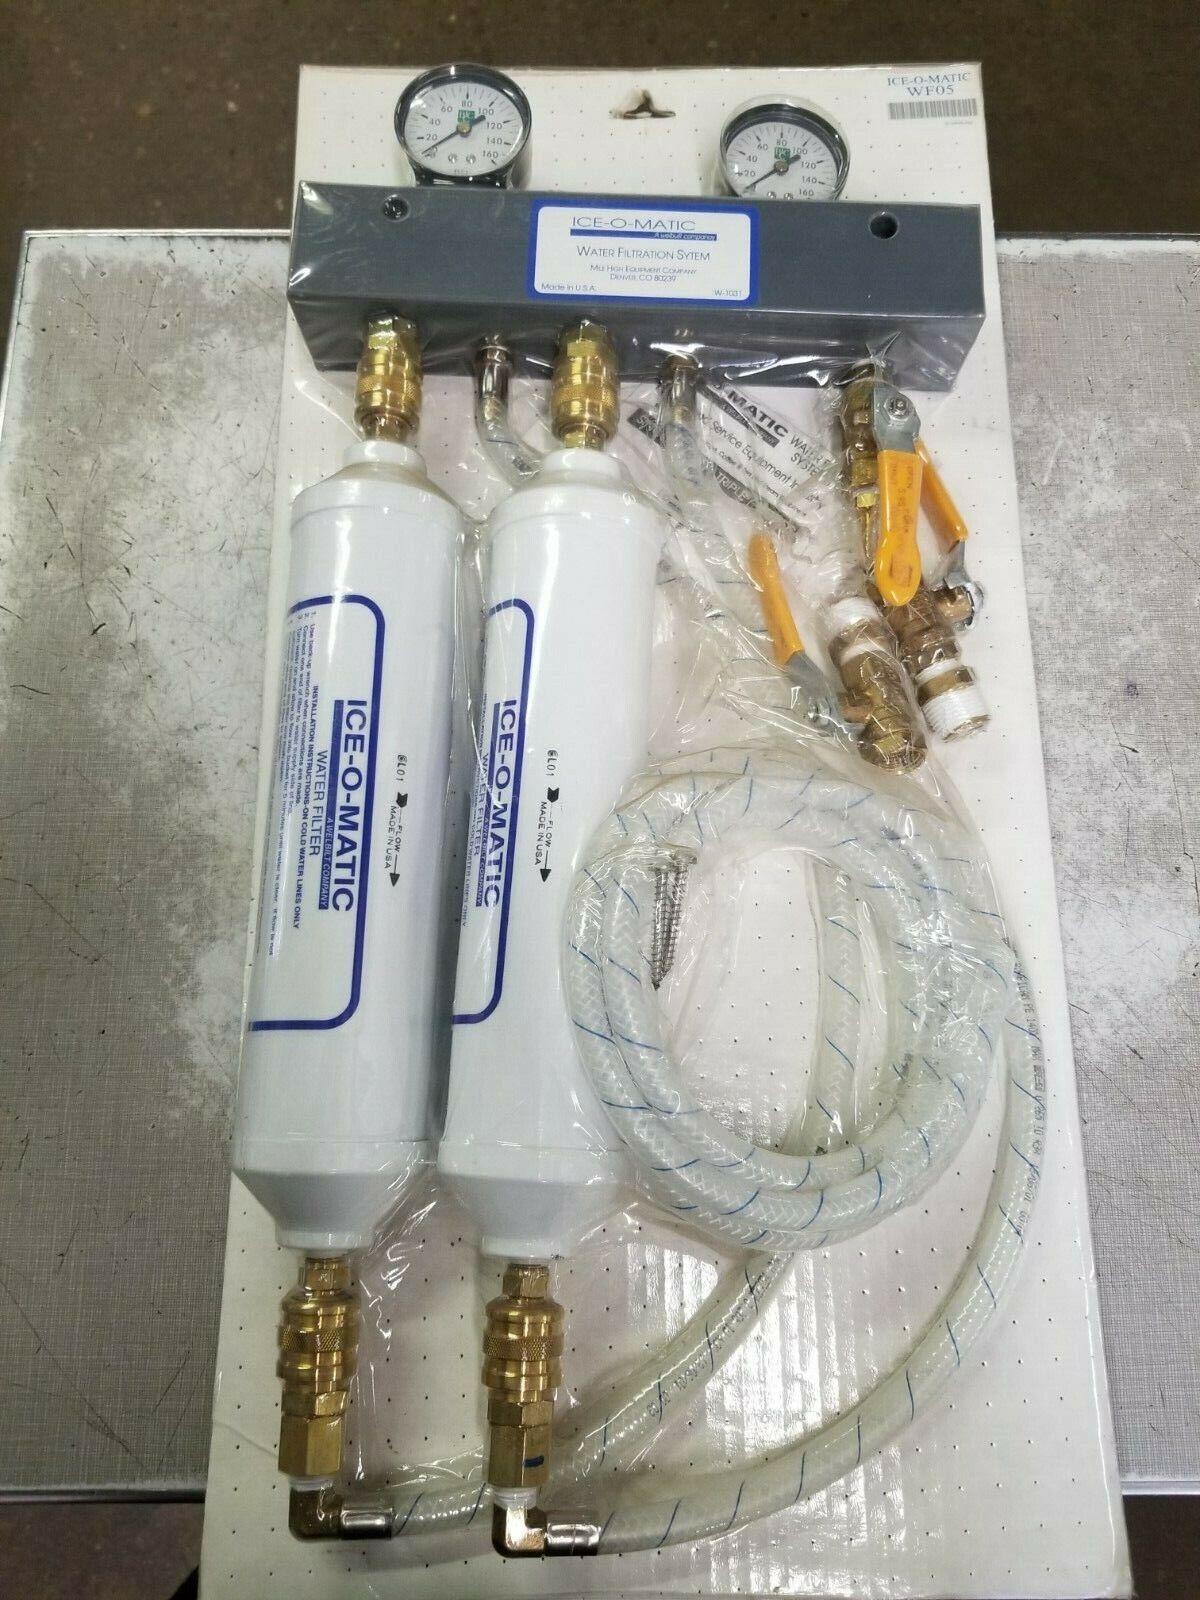 ICE-O-MATIC WF-05 (W-WF05-INV) WASSER FILTRATION SYSTEM